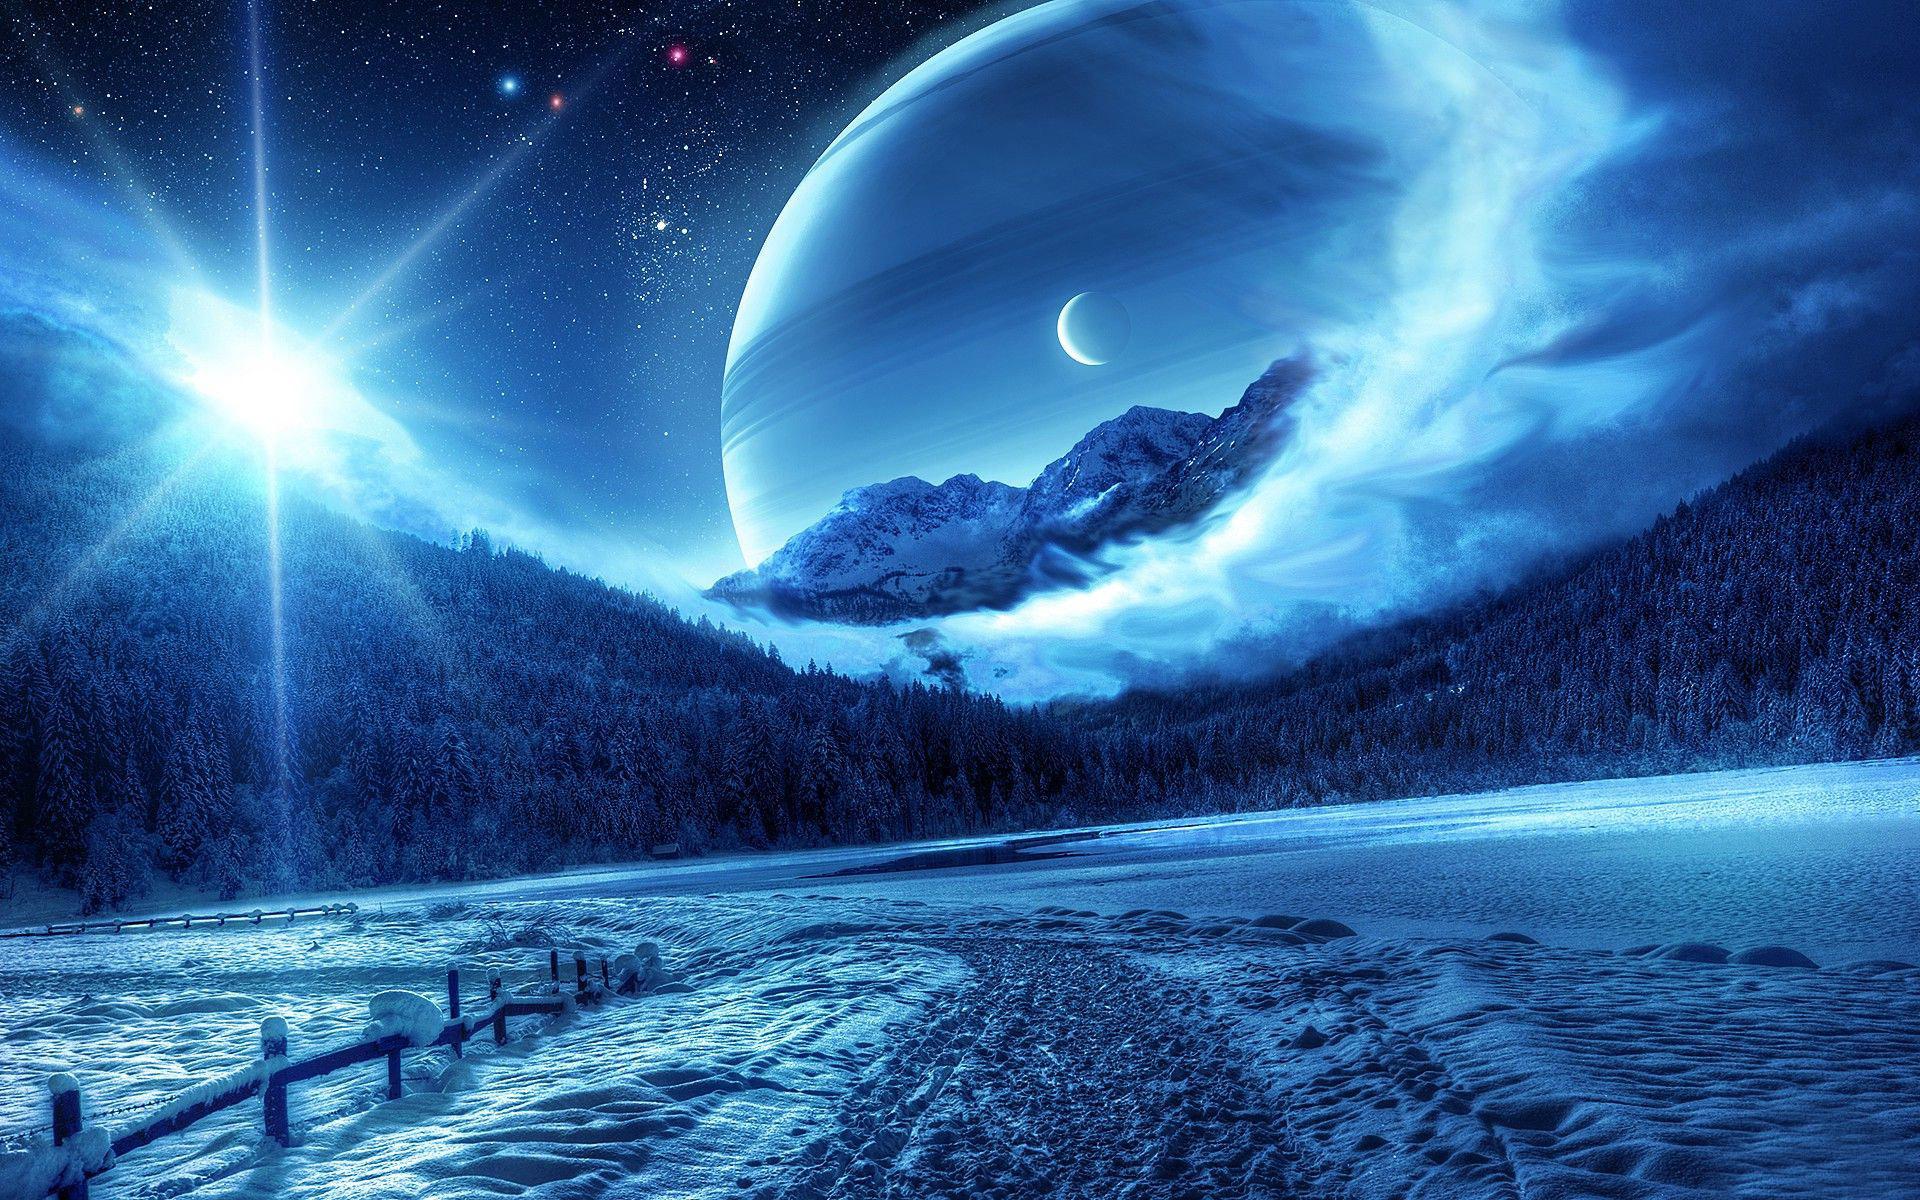 画像 冬 を感じさせてくれるpcデスクトップ壁紙 雪 自然と風景